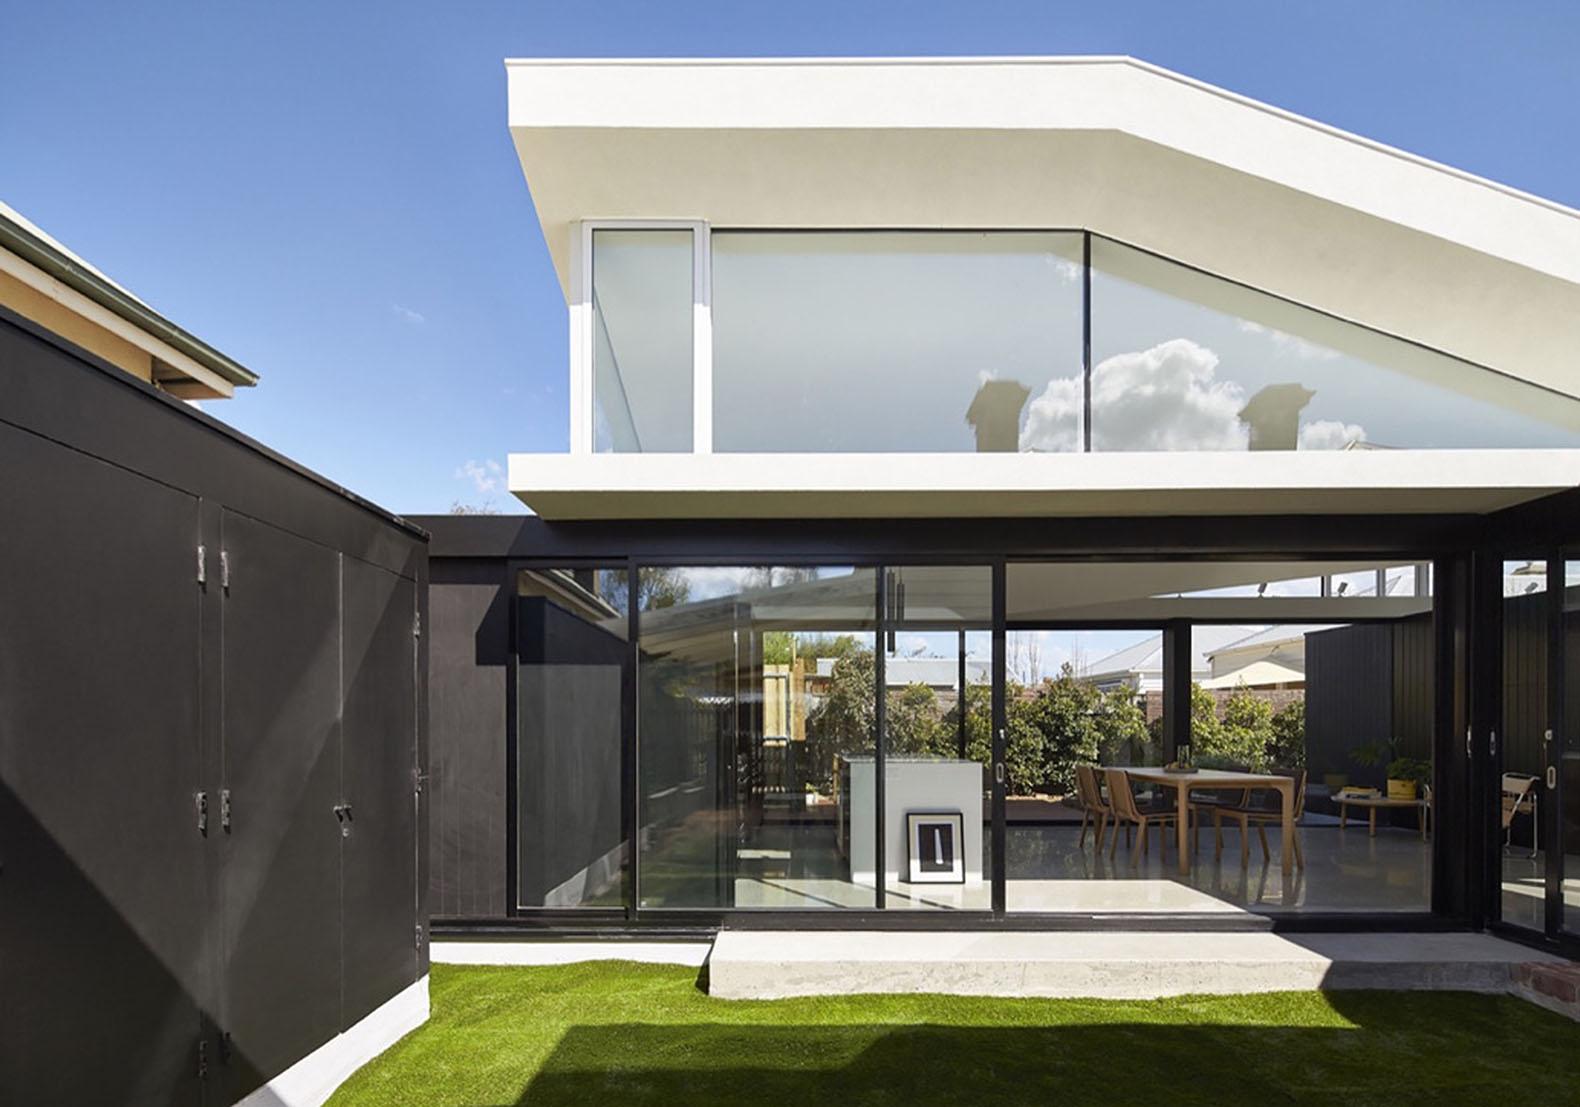 Butterfly Roof  Inhabitat  Green Design, Innovation